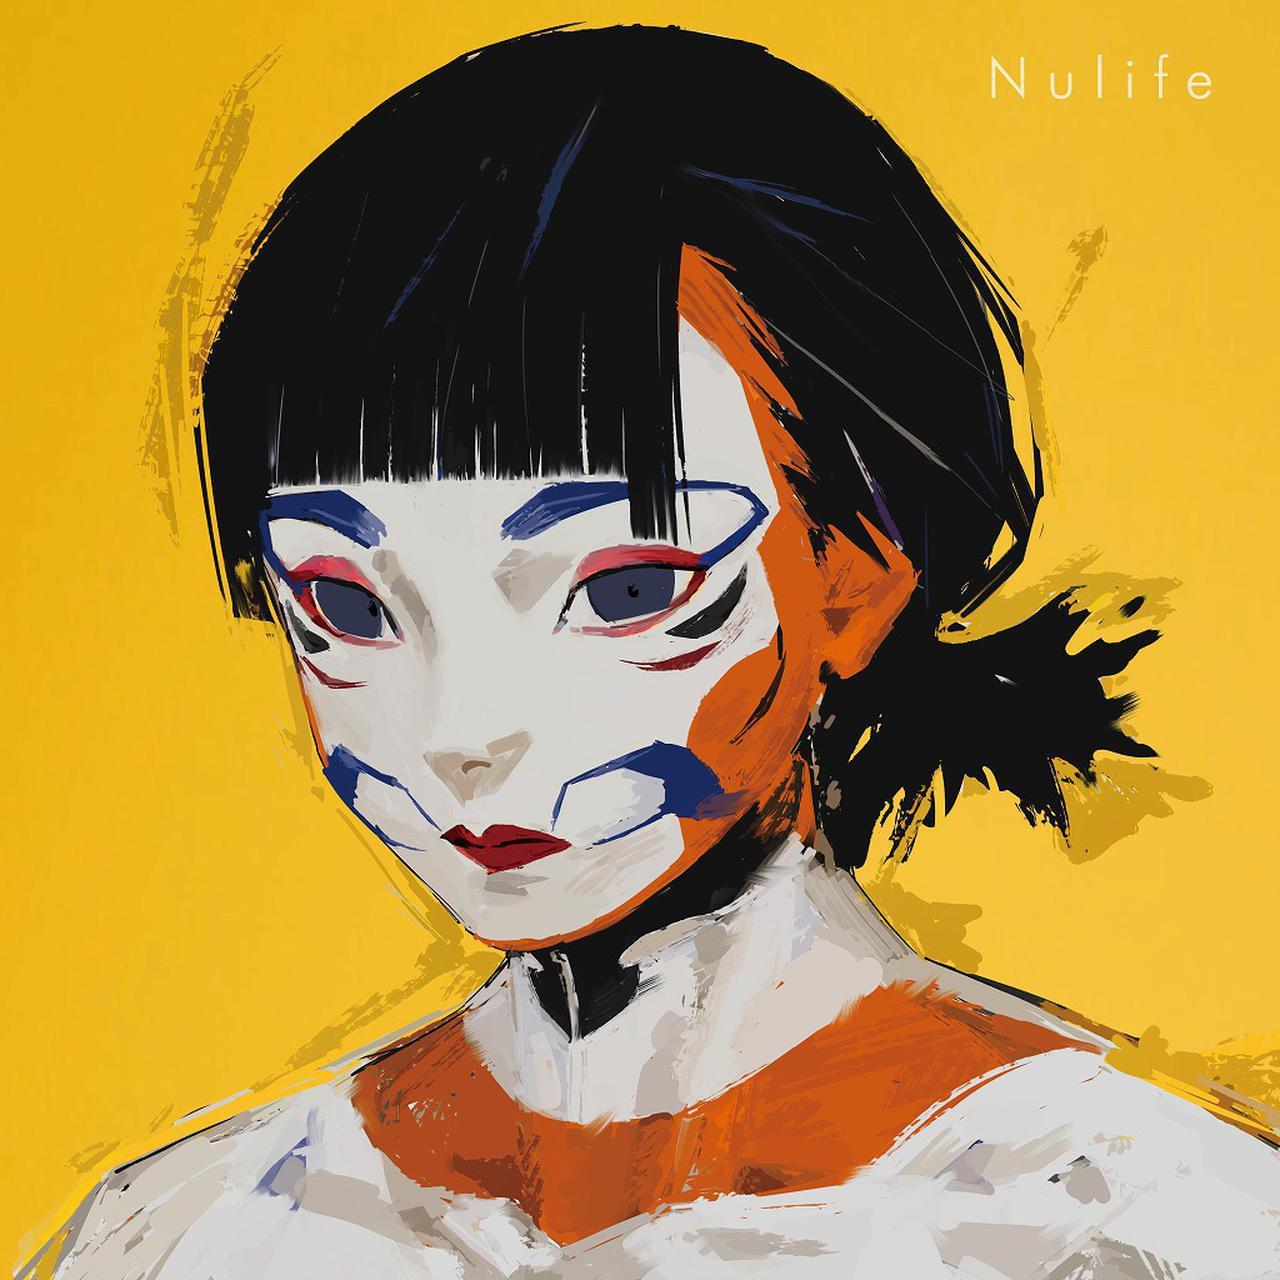 画像: Nulife(24bit/48kHz) / DÉ DÉ MOUSE